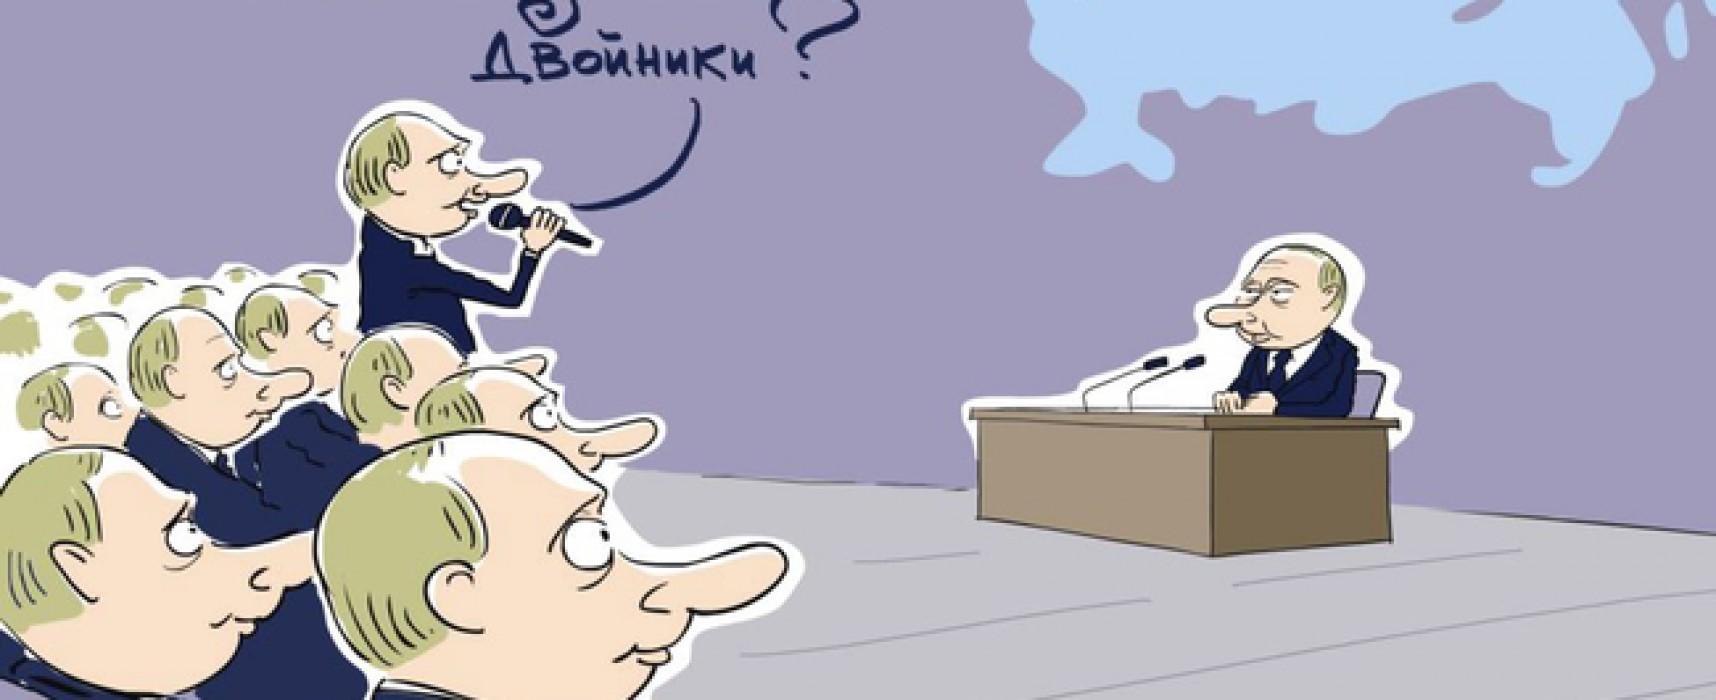 Игорь Яковенко: Путин, Наполеон и немцы